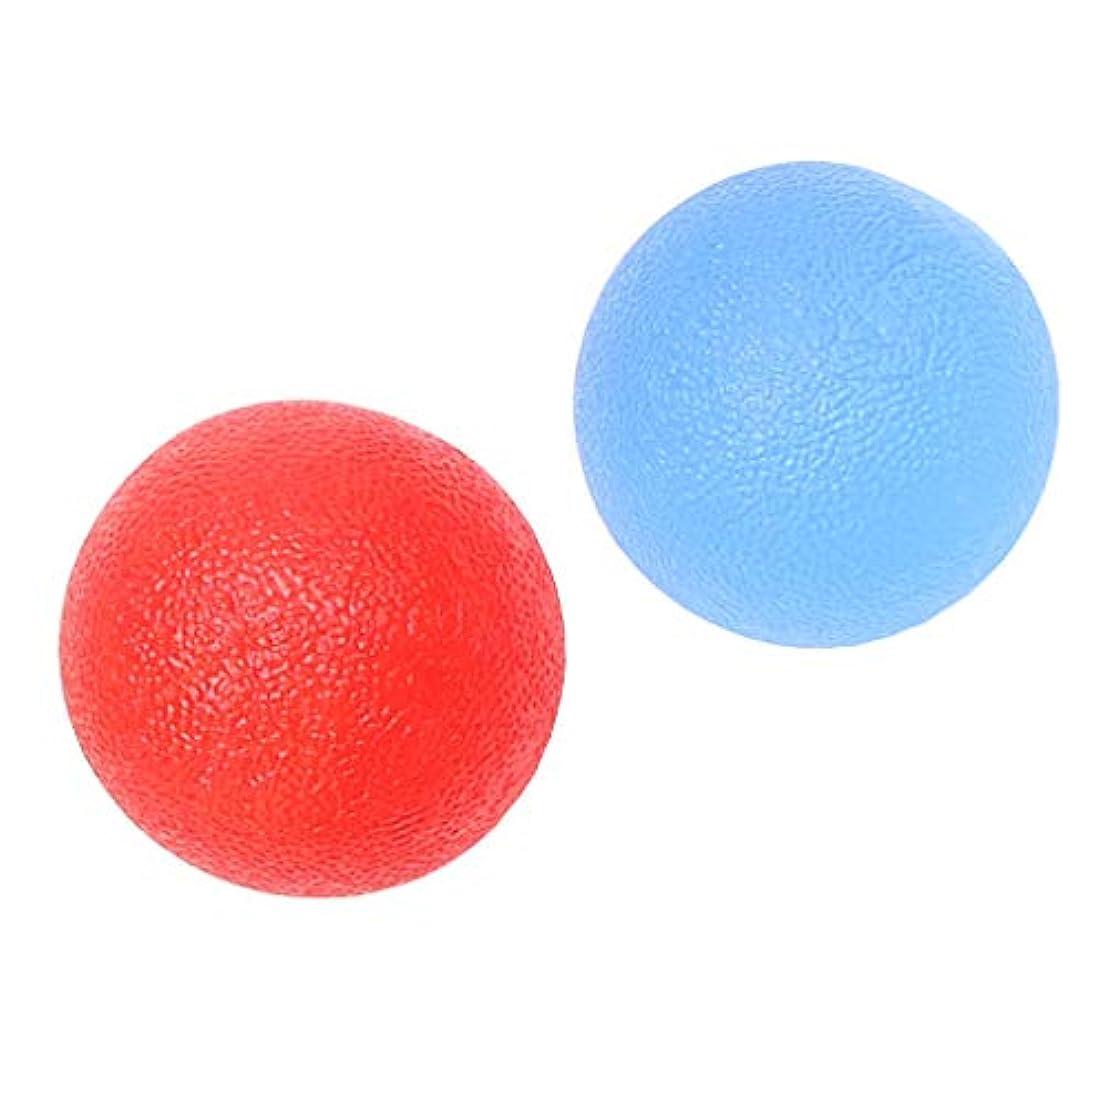 本質的ではない閉じるメーカー2個 ハンドエクササイズボール ハンドグリップ シリコン 指トレーニング ストレス緩和 柔軟 赤/青